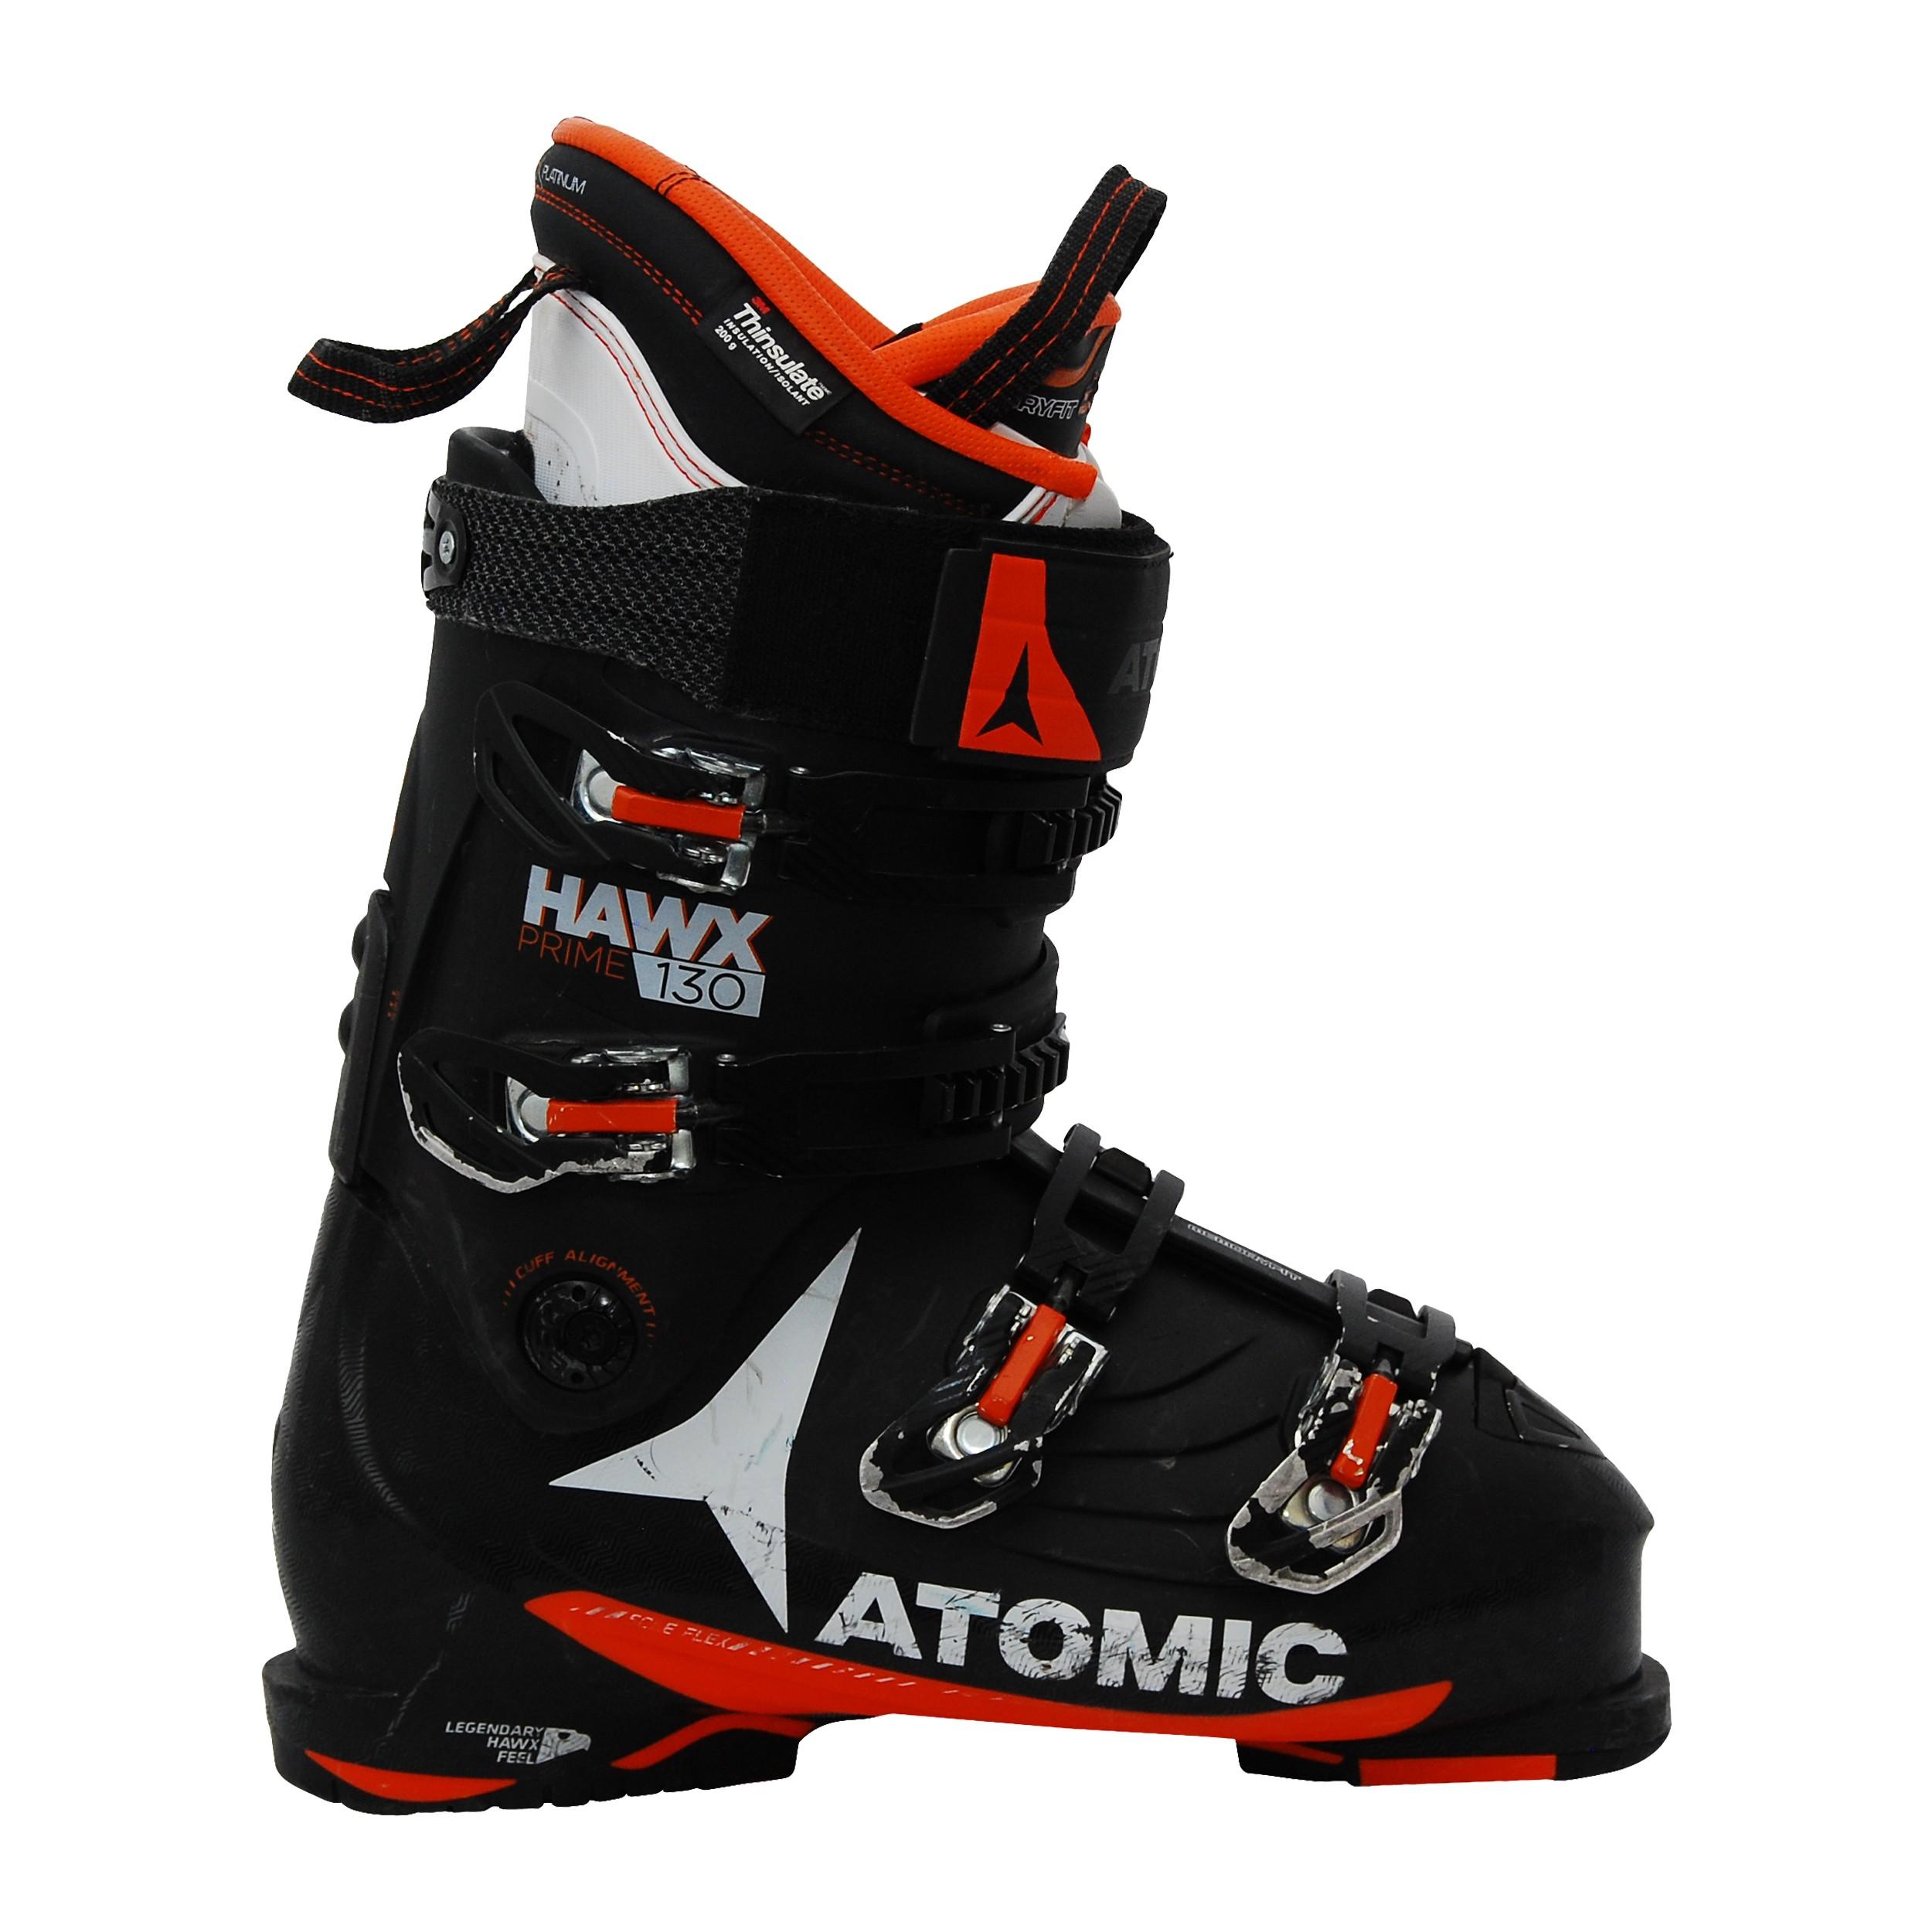 Chaussures de ski occasion Atomic hawx Prime 130 noir orange